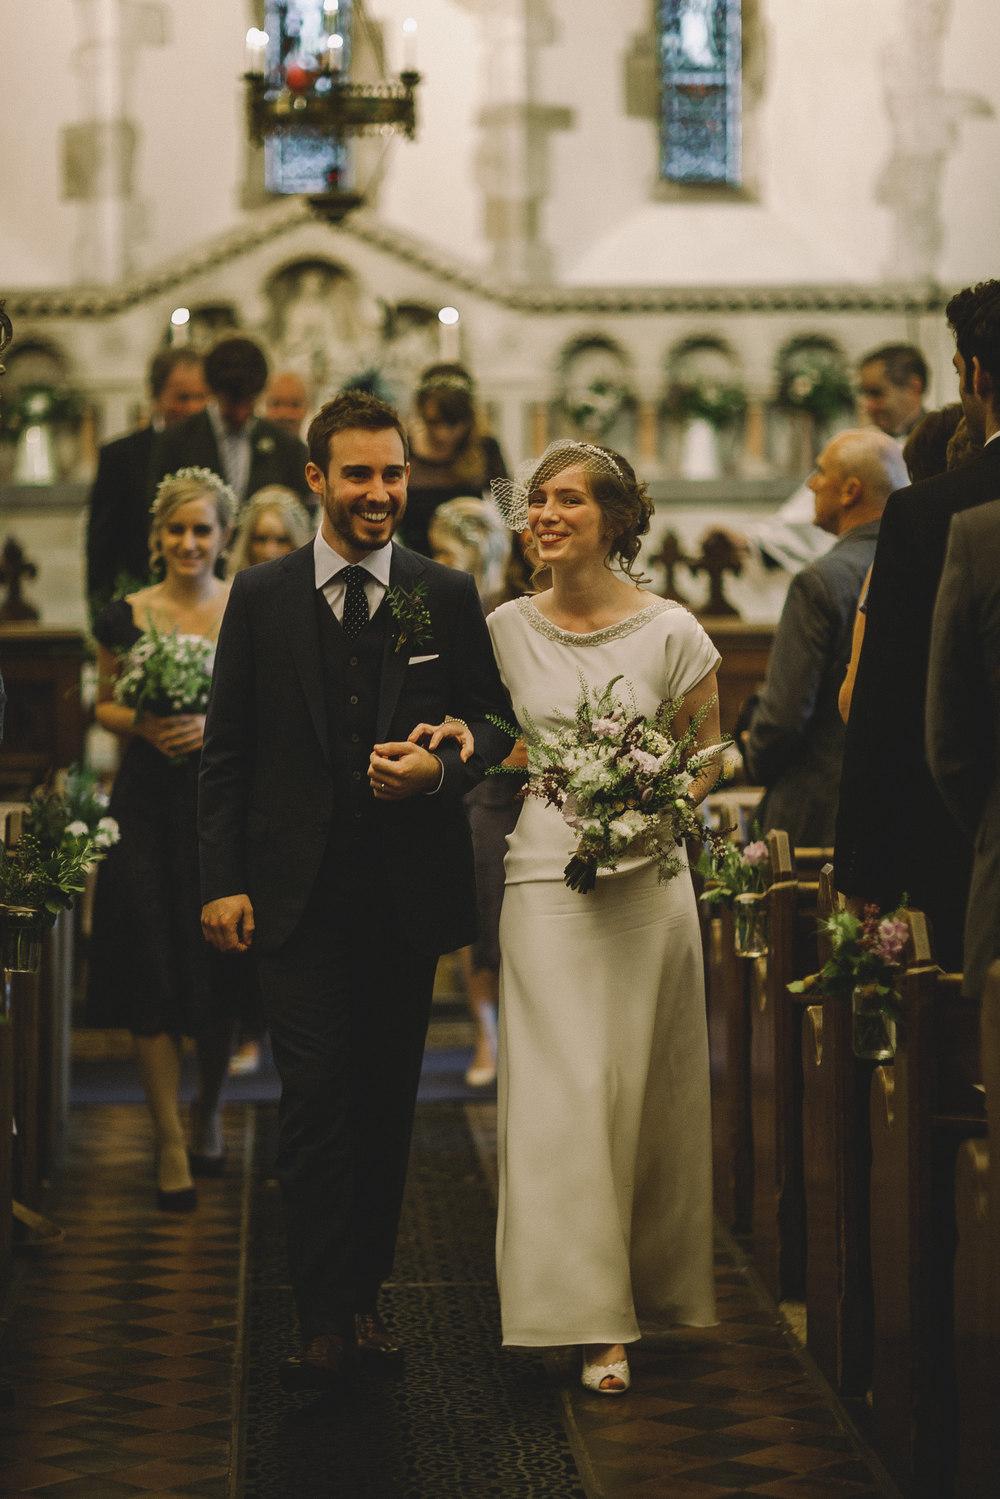 Nick & Susie Wedding -93.jpg